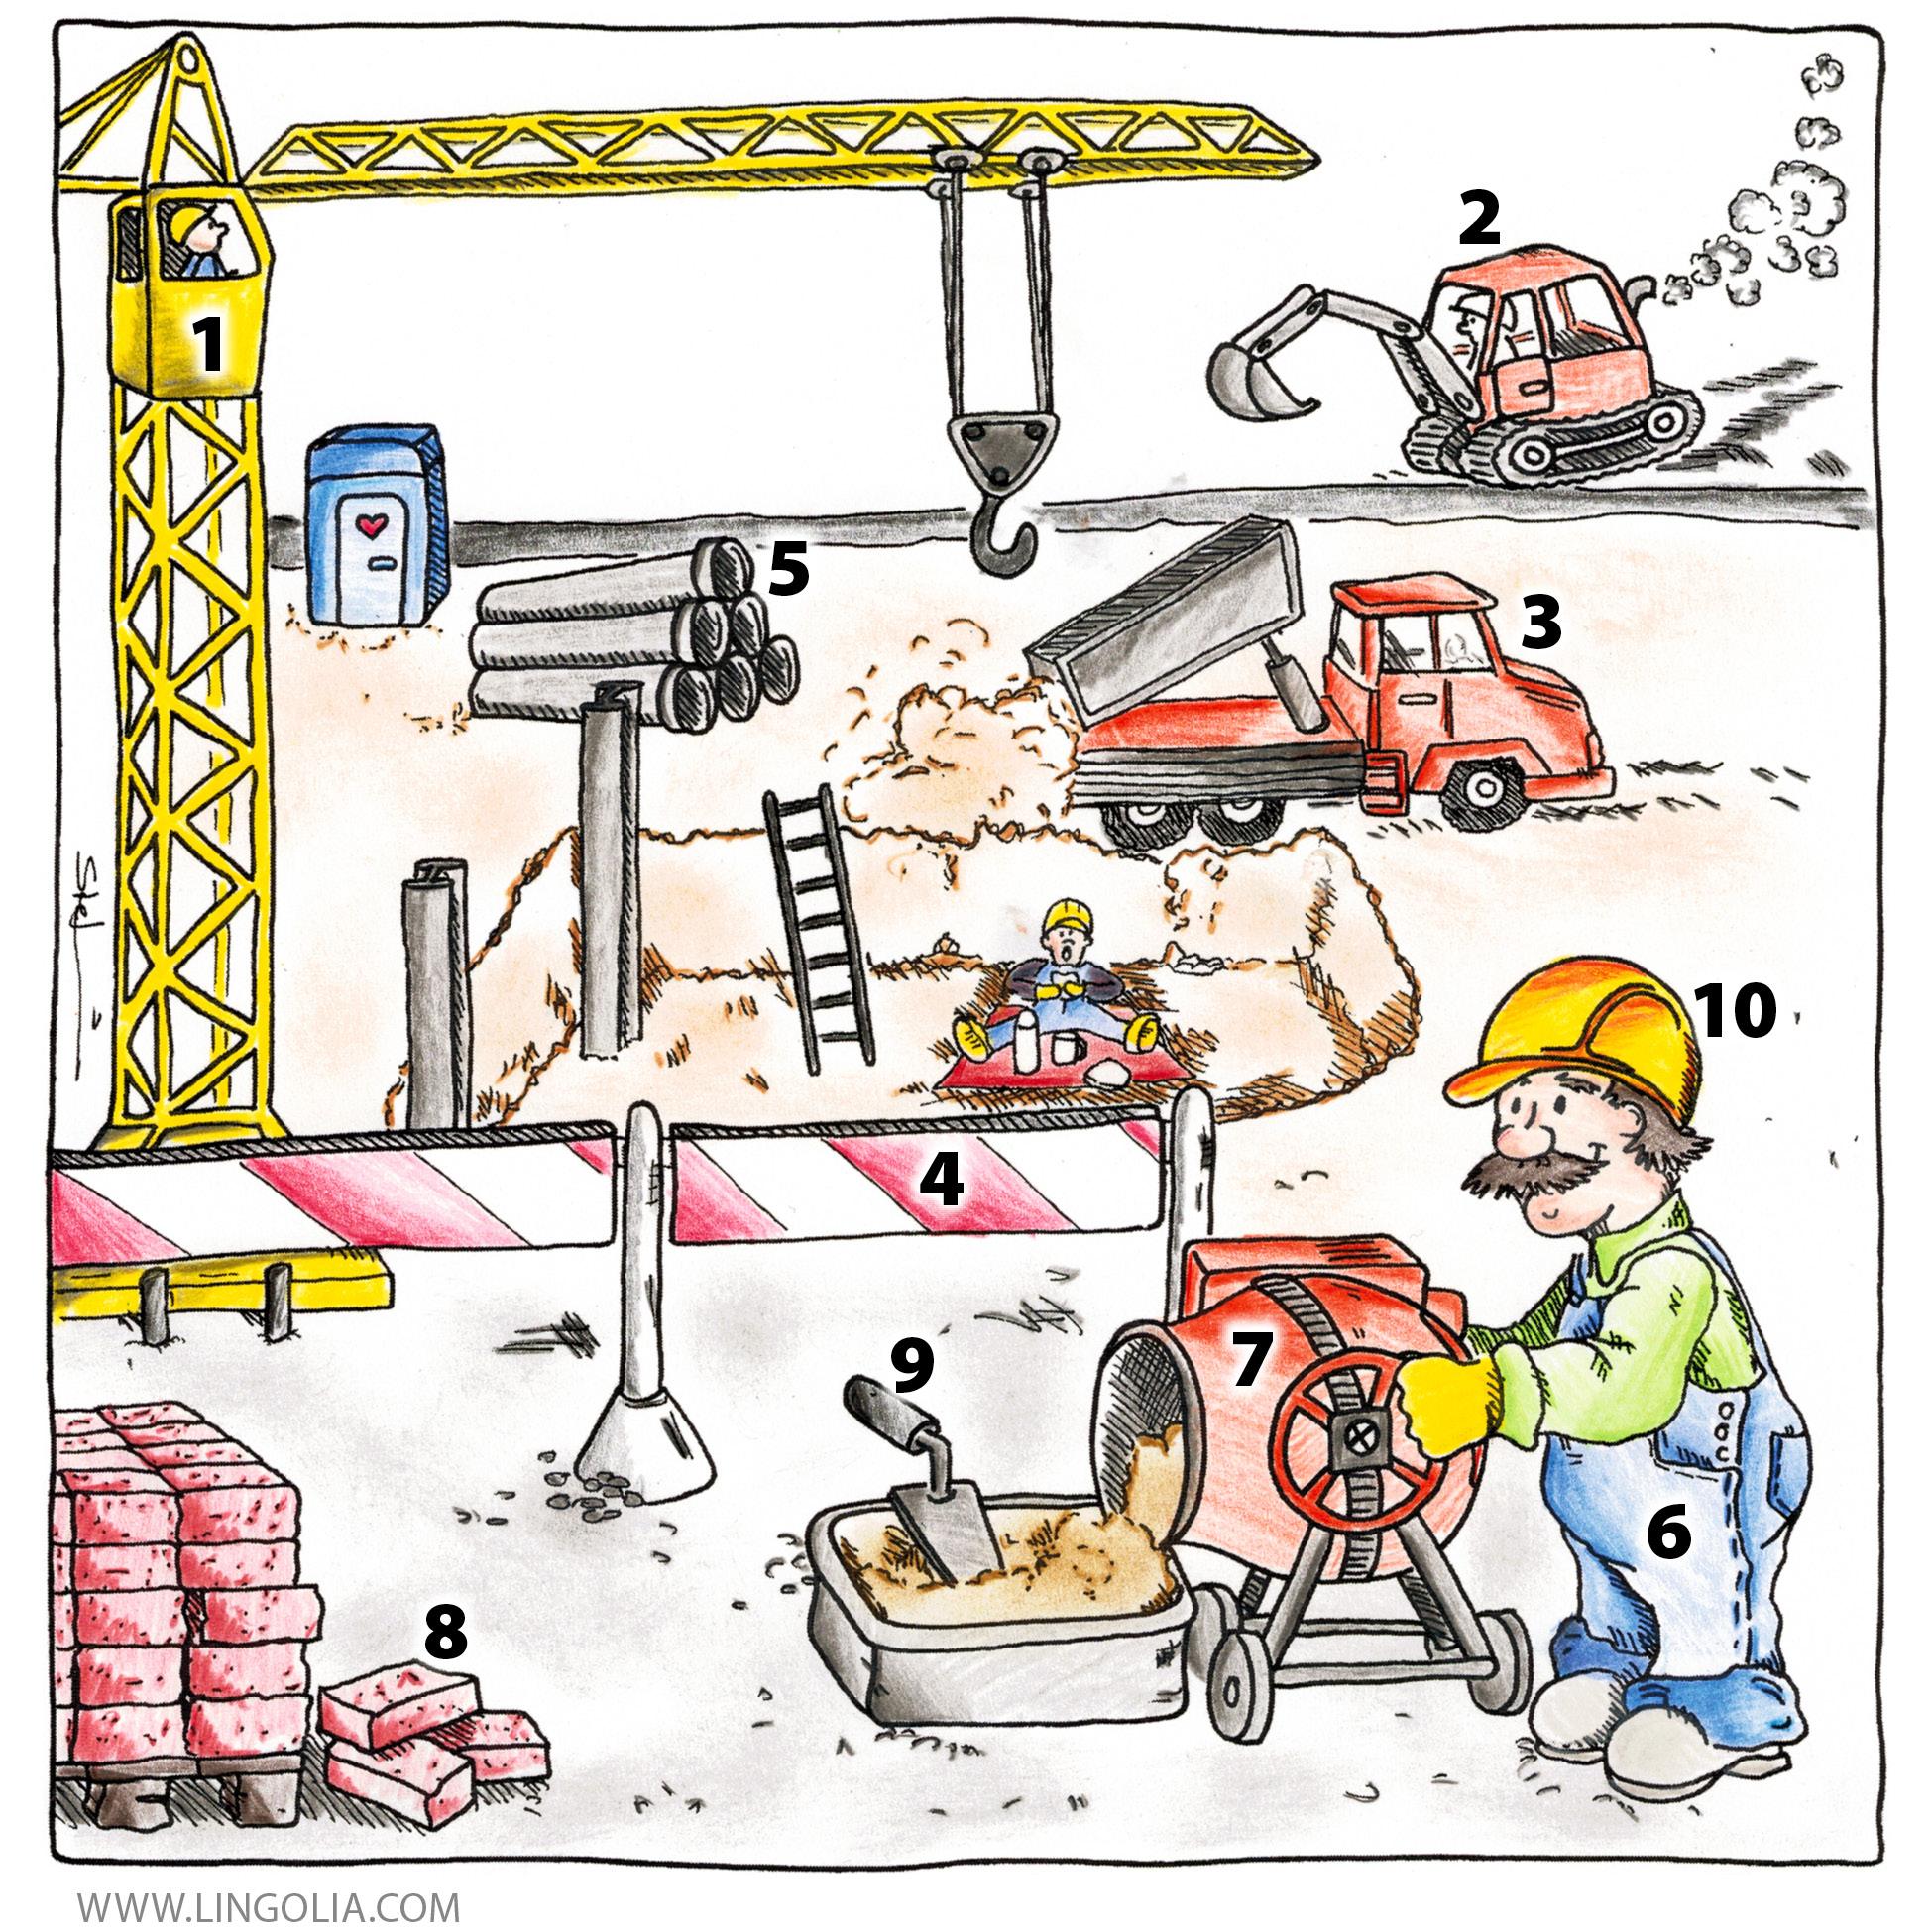 Baustelle zeichnung  Baustelle - Lingolia Deutsch